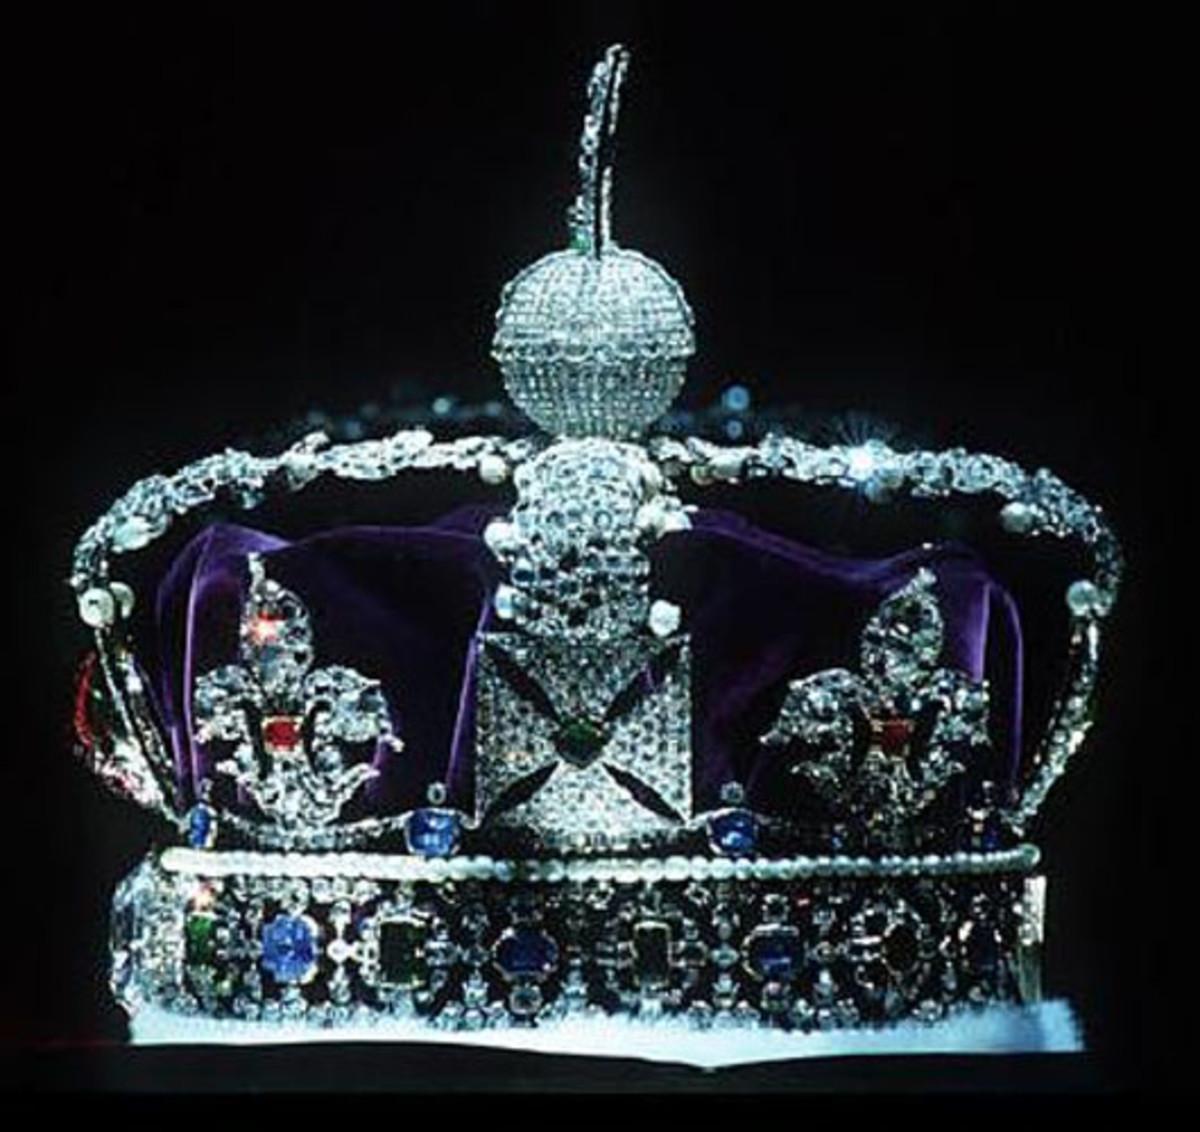 Kohinoor embedded in Imperial State Crown